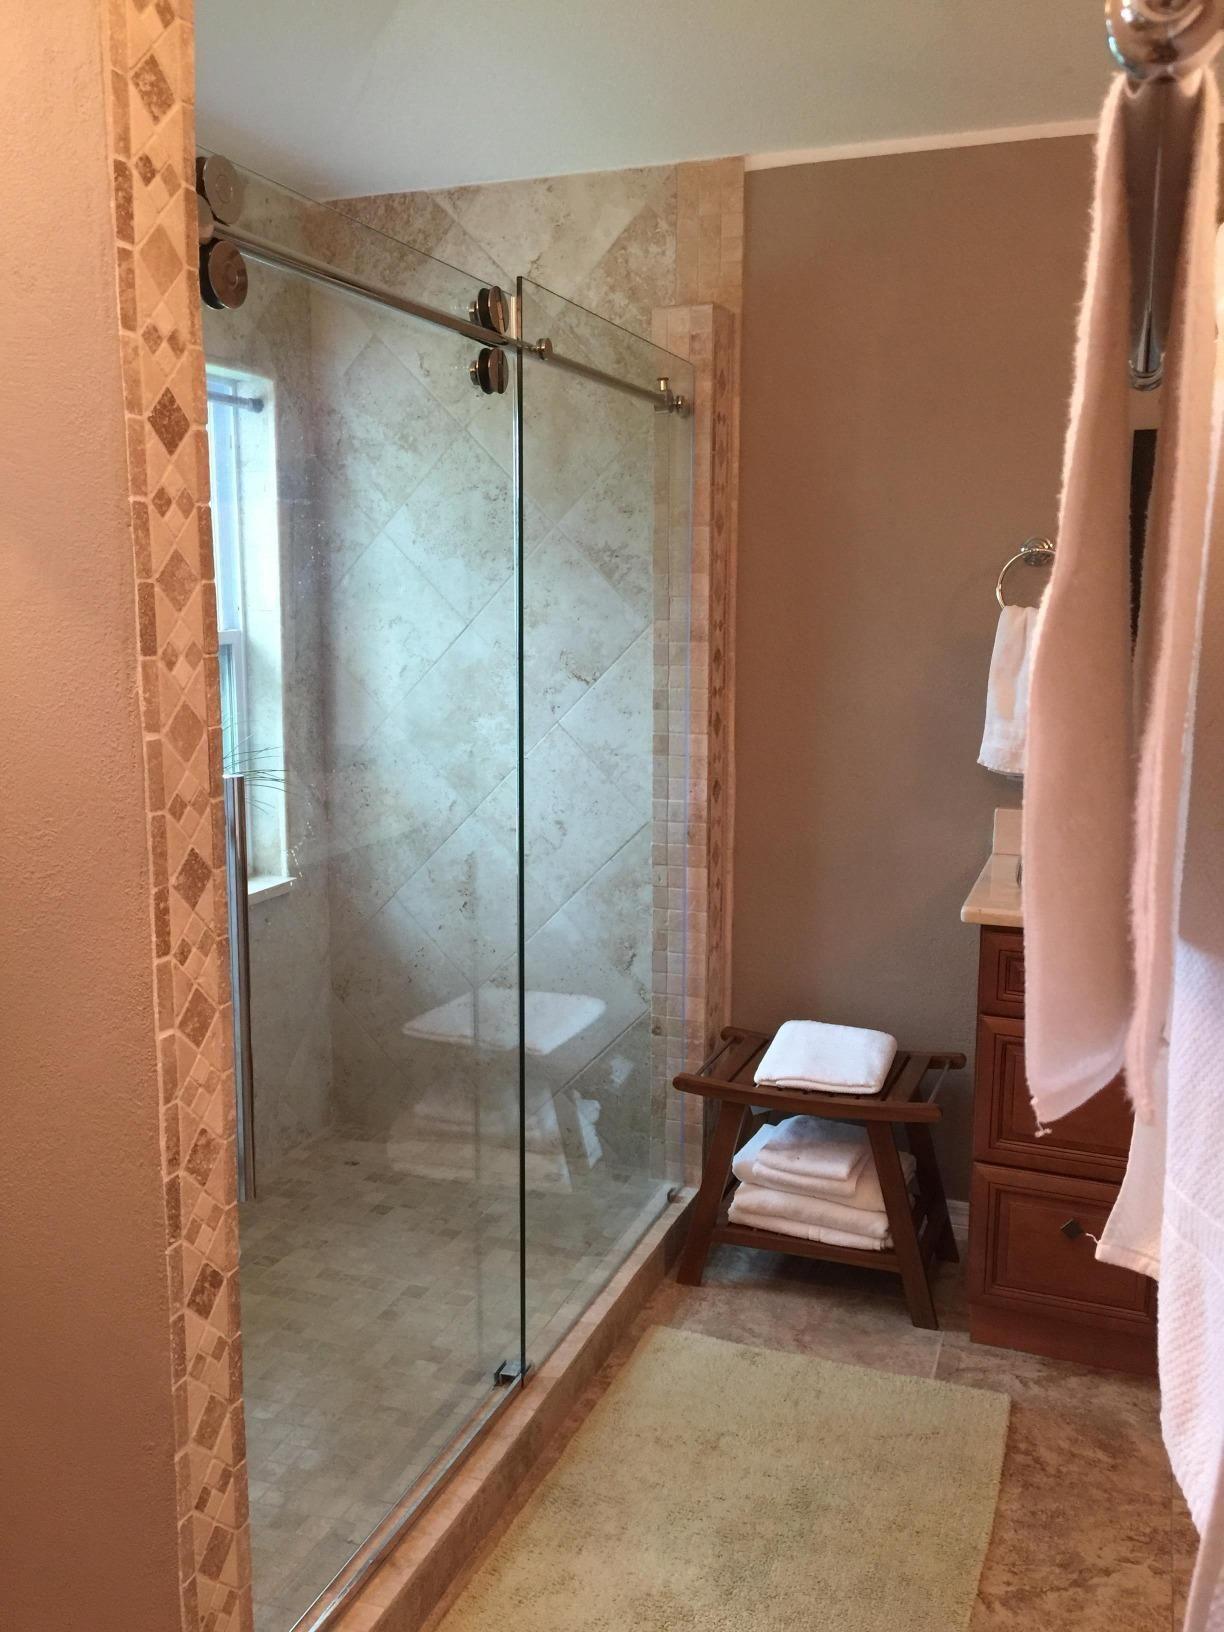 The Adjustable Opening Sliding Shower Door Is Between 56 60 With